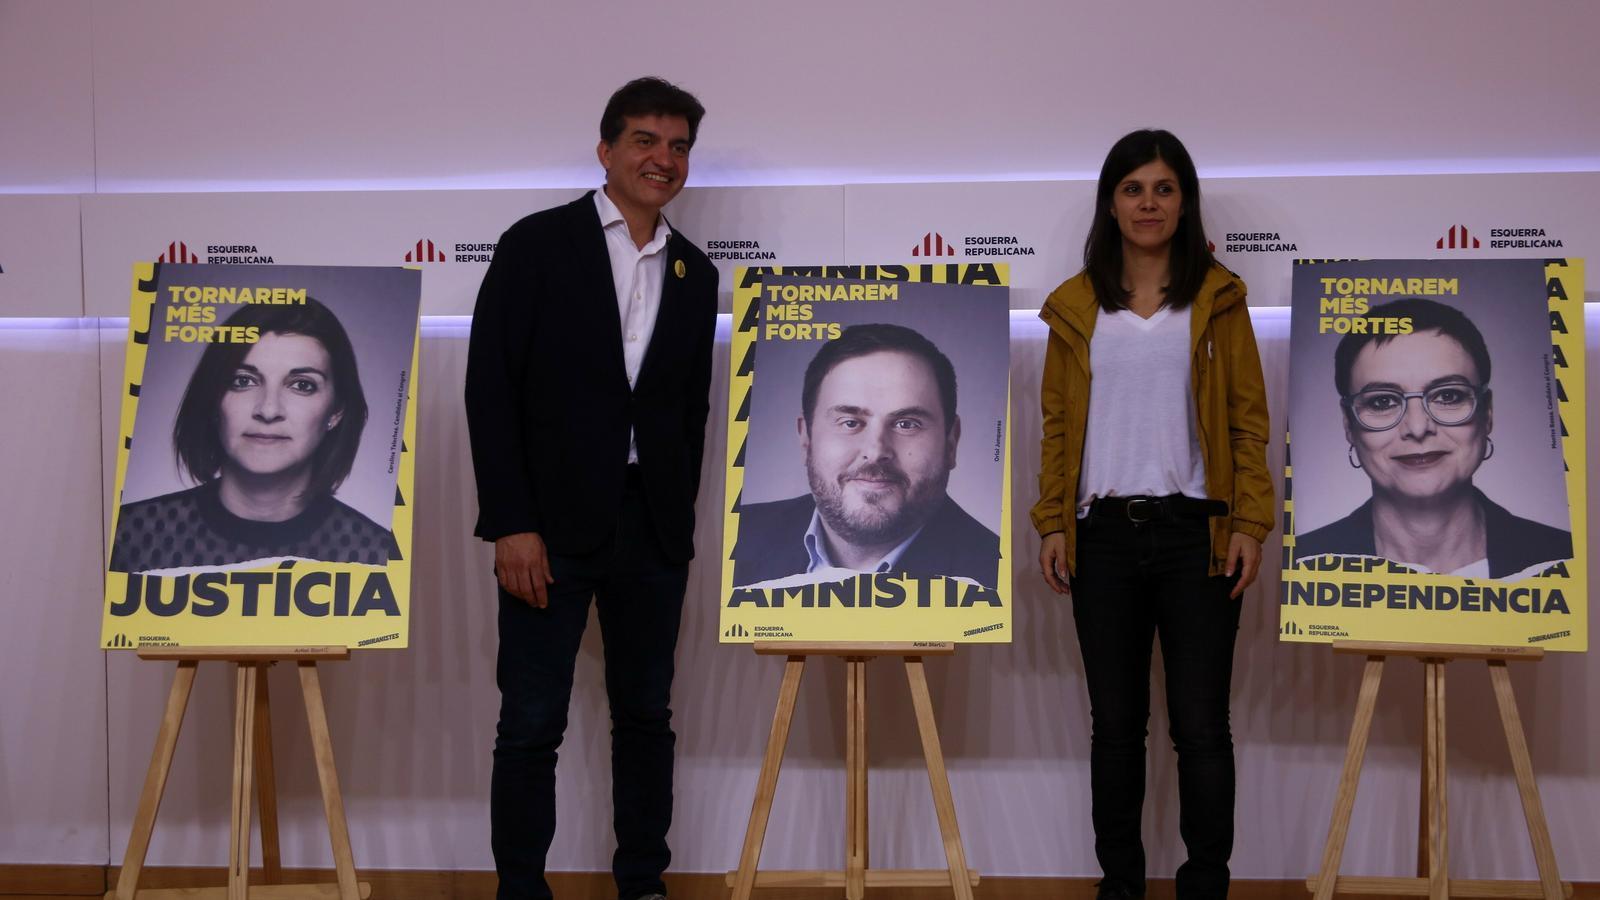 """El programa electoral d'ERC: """"Gran aliança"""" per l'amnistia i un referèndum amb """"mediació internacional"""""""